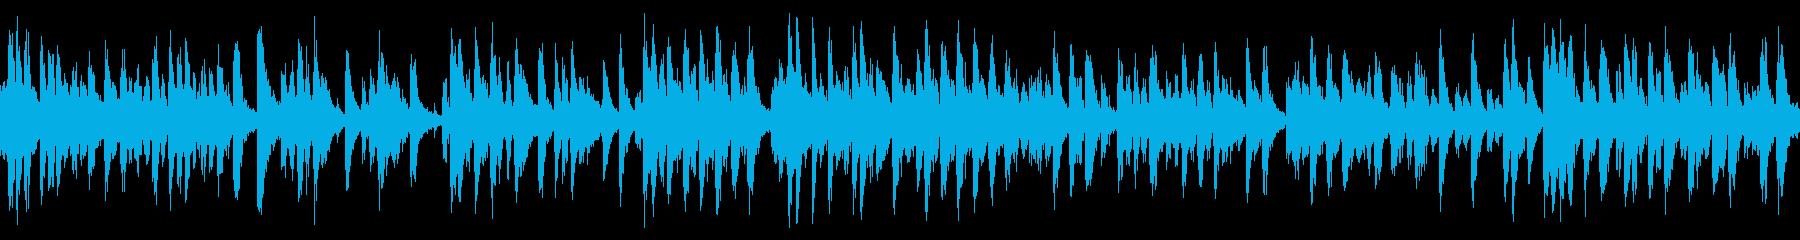 爽やかな雰囲気のポップス(ループ仕様)の再生済みの波形